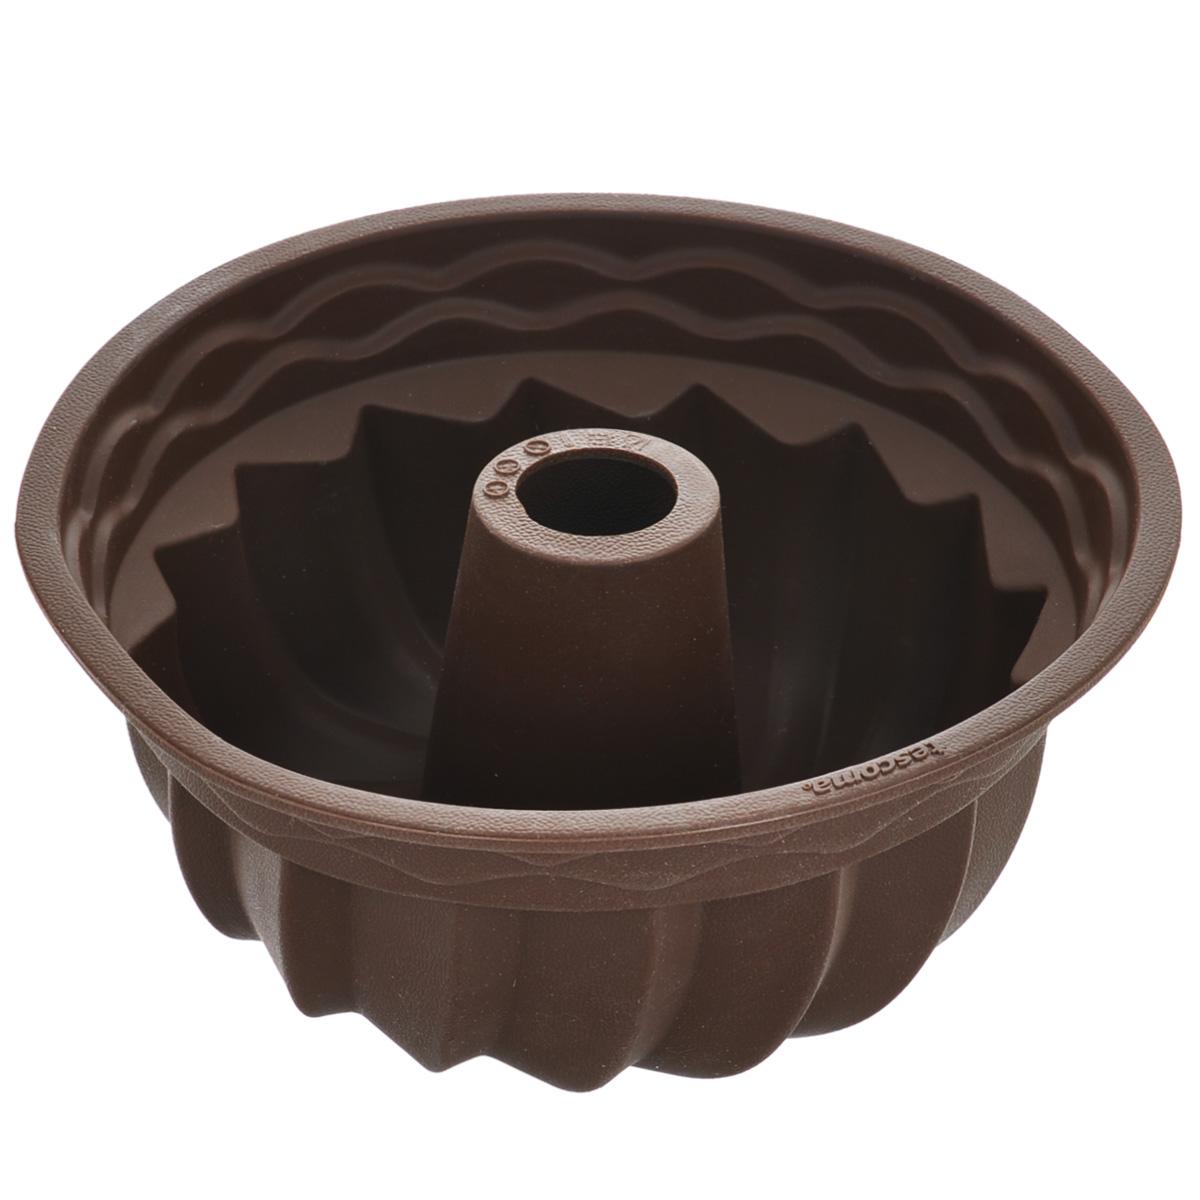 Форма для выпечки кекса Tescoma Delicia Silicone, круглая, цвет: коричневый, диаметр 24 см629224Круглая форма Tescoma Delicia Silicone будет отличным выбором для всех любителей выпечки. Благодаря тому, что форма изготовлена из силикона, готовую выпечку вынимать легко и просто. Стенки формы оснащены рельефной поверхностью. Форма прекрасно подходит для выпечки кексов. С такой формой вы всегда сможете порадовать своих близких оригинальной выпечкой. Материал изделия устойчив к фруктовым кислотам, может быть использован в духовках, микроволновых печах, холодильниках и морозильных камерах (выдерживает температуру от -40°C до 230°C). Антипригарные свойства материала позволяют готовить без использования масла. Можно мыть и сушить в посудомоечной машине. При работе с формой используйте кухонный инструмент из силикона - кисти, лопатки, скребки. Не ставьте форму на электрическую конфорку. Не разрезайте выпечку прямо в форме.